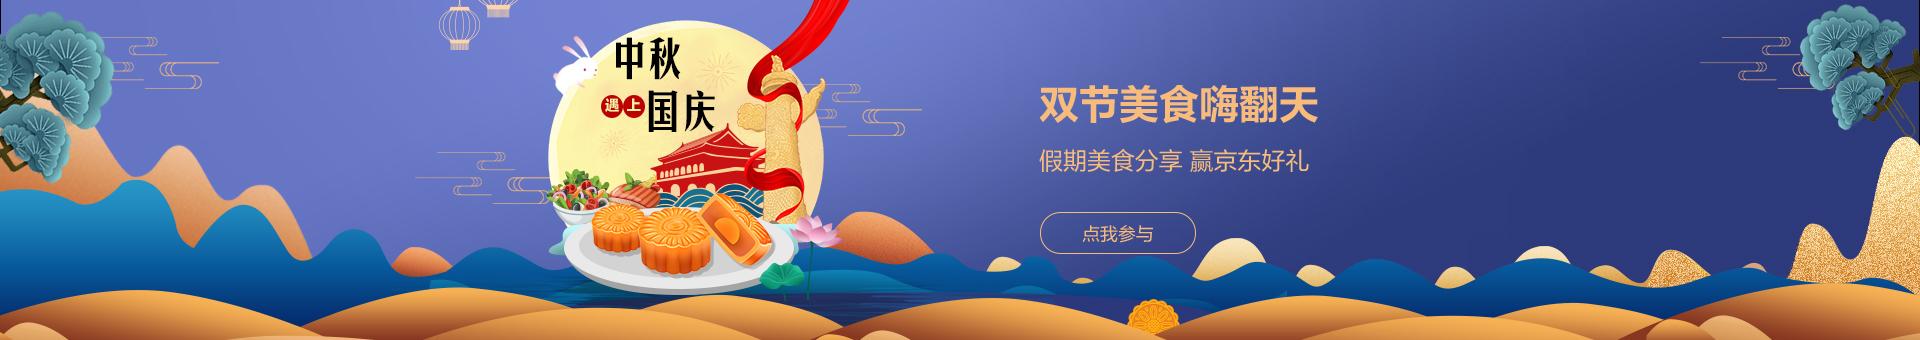 双节美食嗨翻天-假期美食分享 赢京东好礼